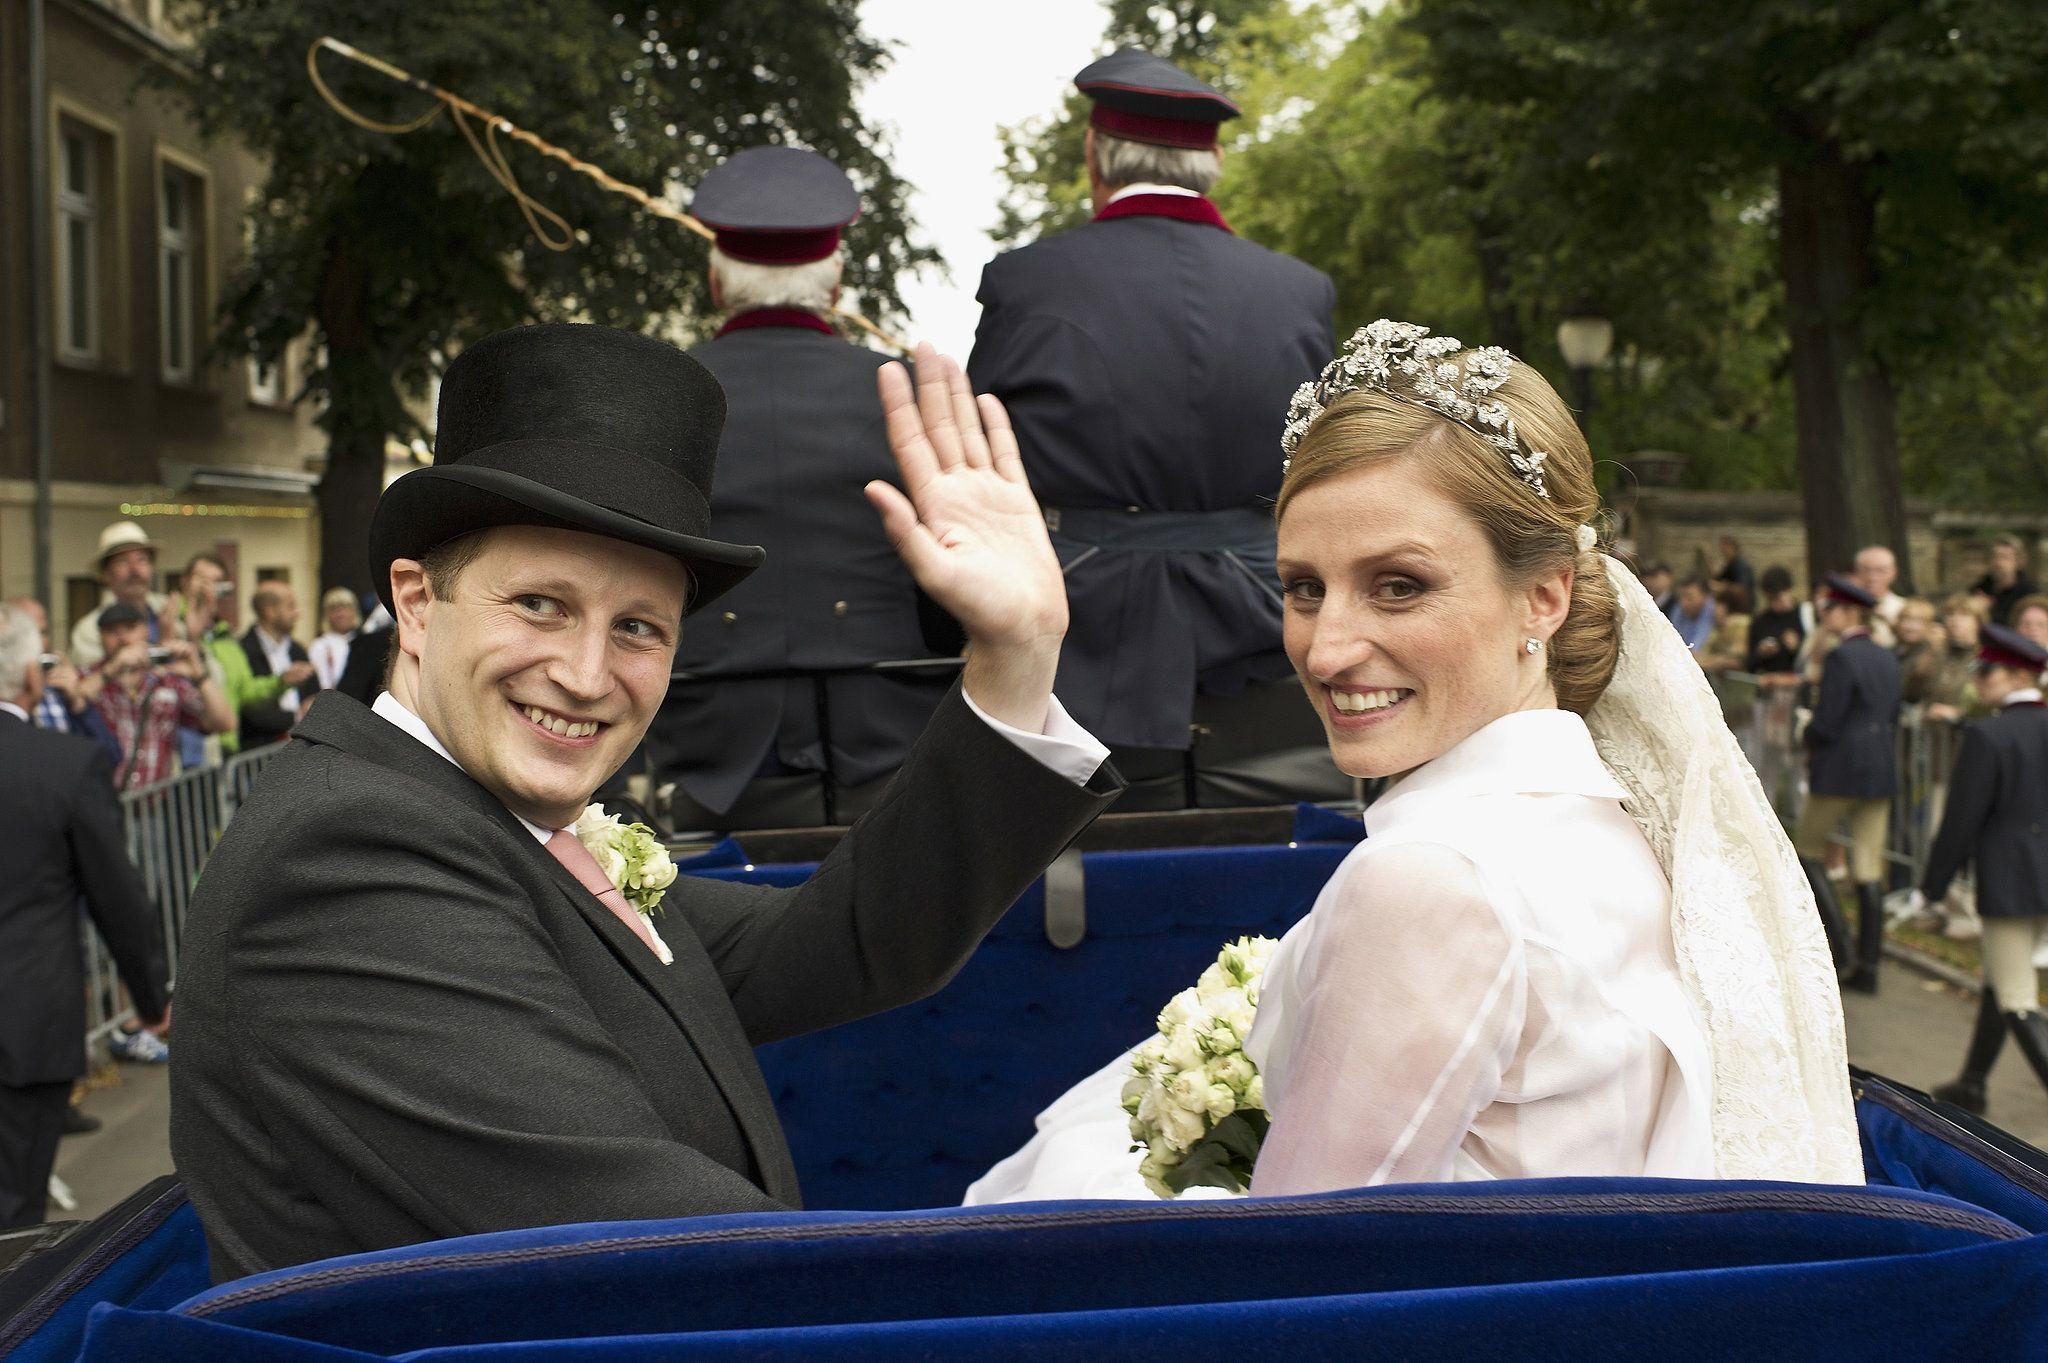 Prince Georg And Princess Sophie Royale Hochzeiten Friedenskirche Potsdam Hochzeit